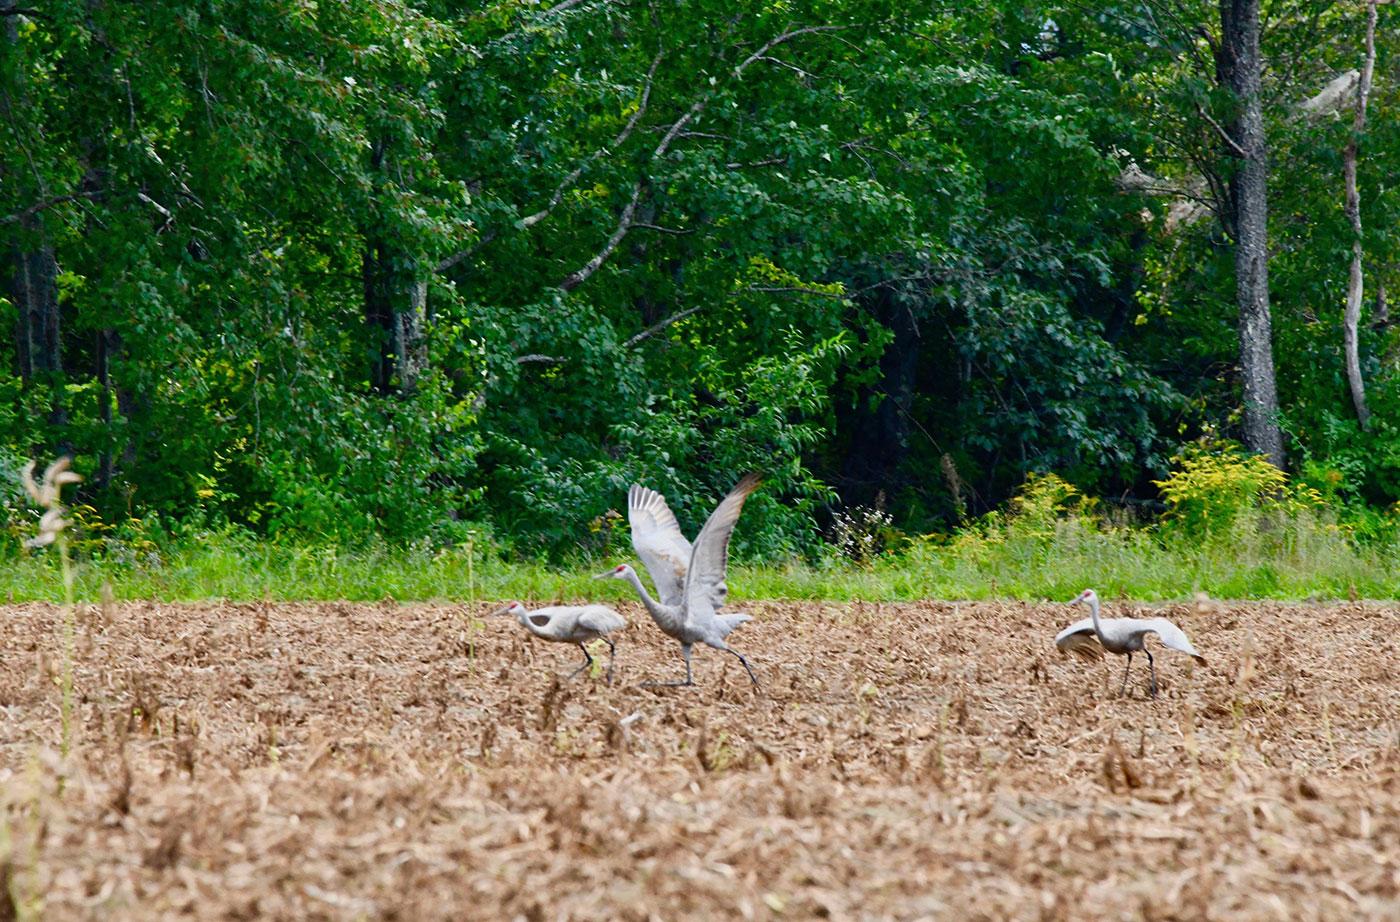 Sandhill Cranes in Fryeburg, Maine